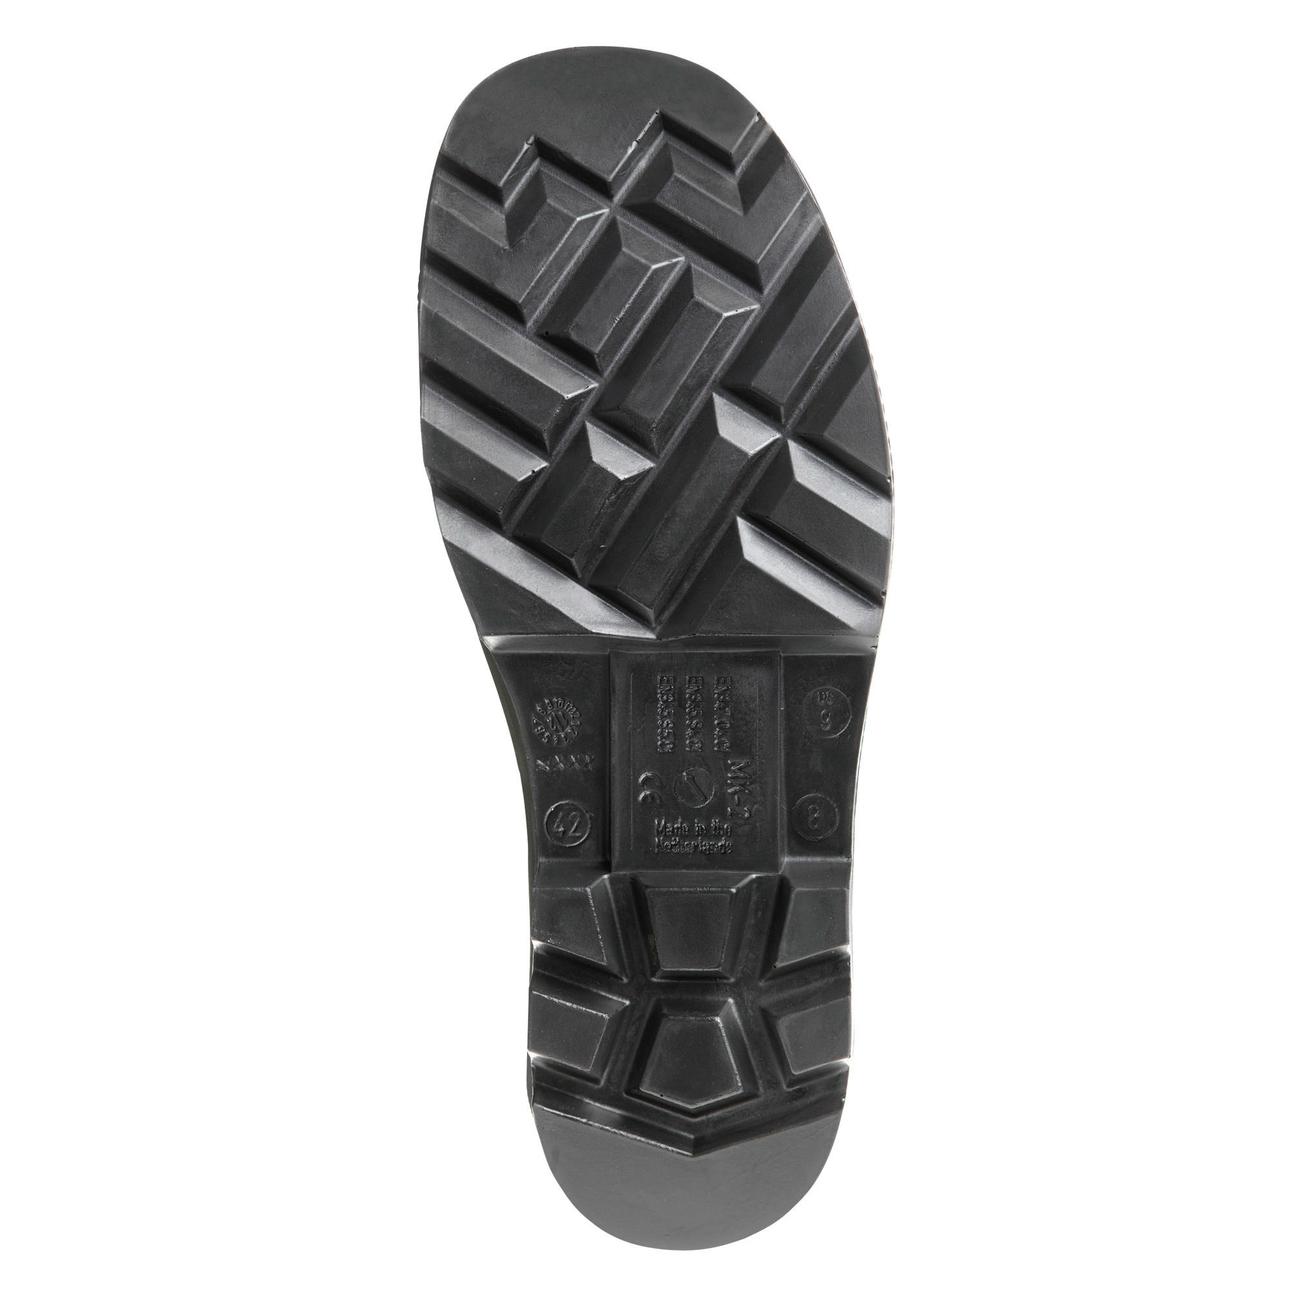 Dunlop Purofort Professional Sicherhheitsstiefel, Bild 3